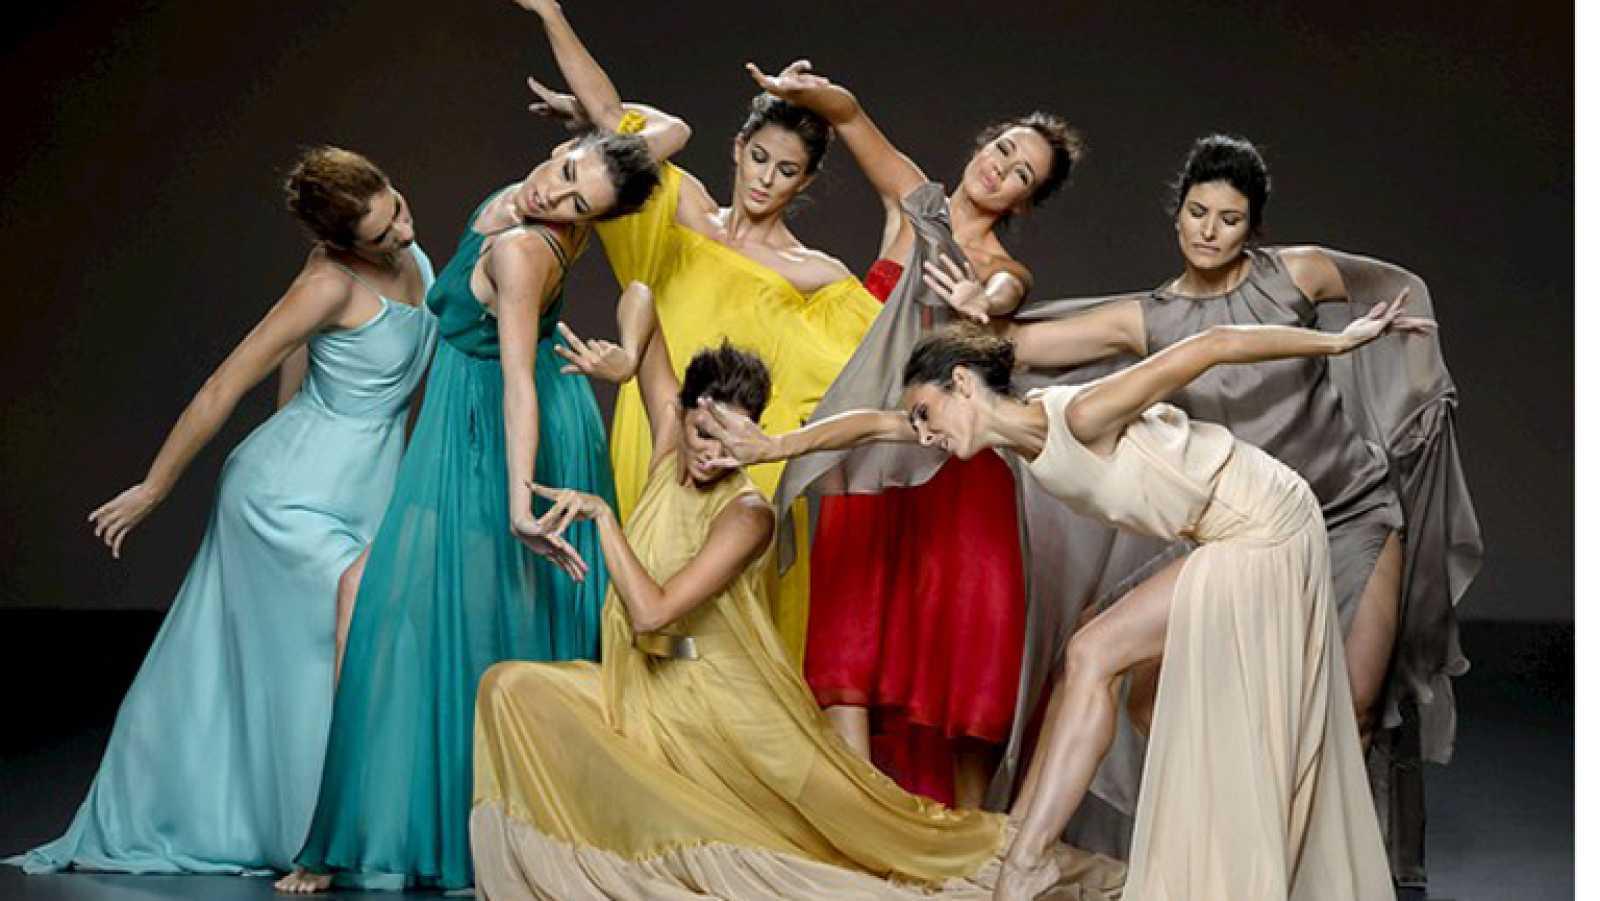 Juan Duyos ha presentado Siete Islas, su colección de primavera y verano 2015 inspirada en las Canarias. Para ello ha contado con Antonio Najarro y las bailarinas del Ballet Nacional de España.